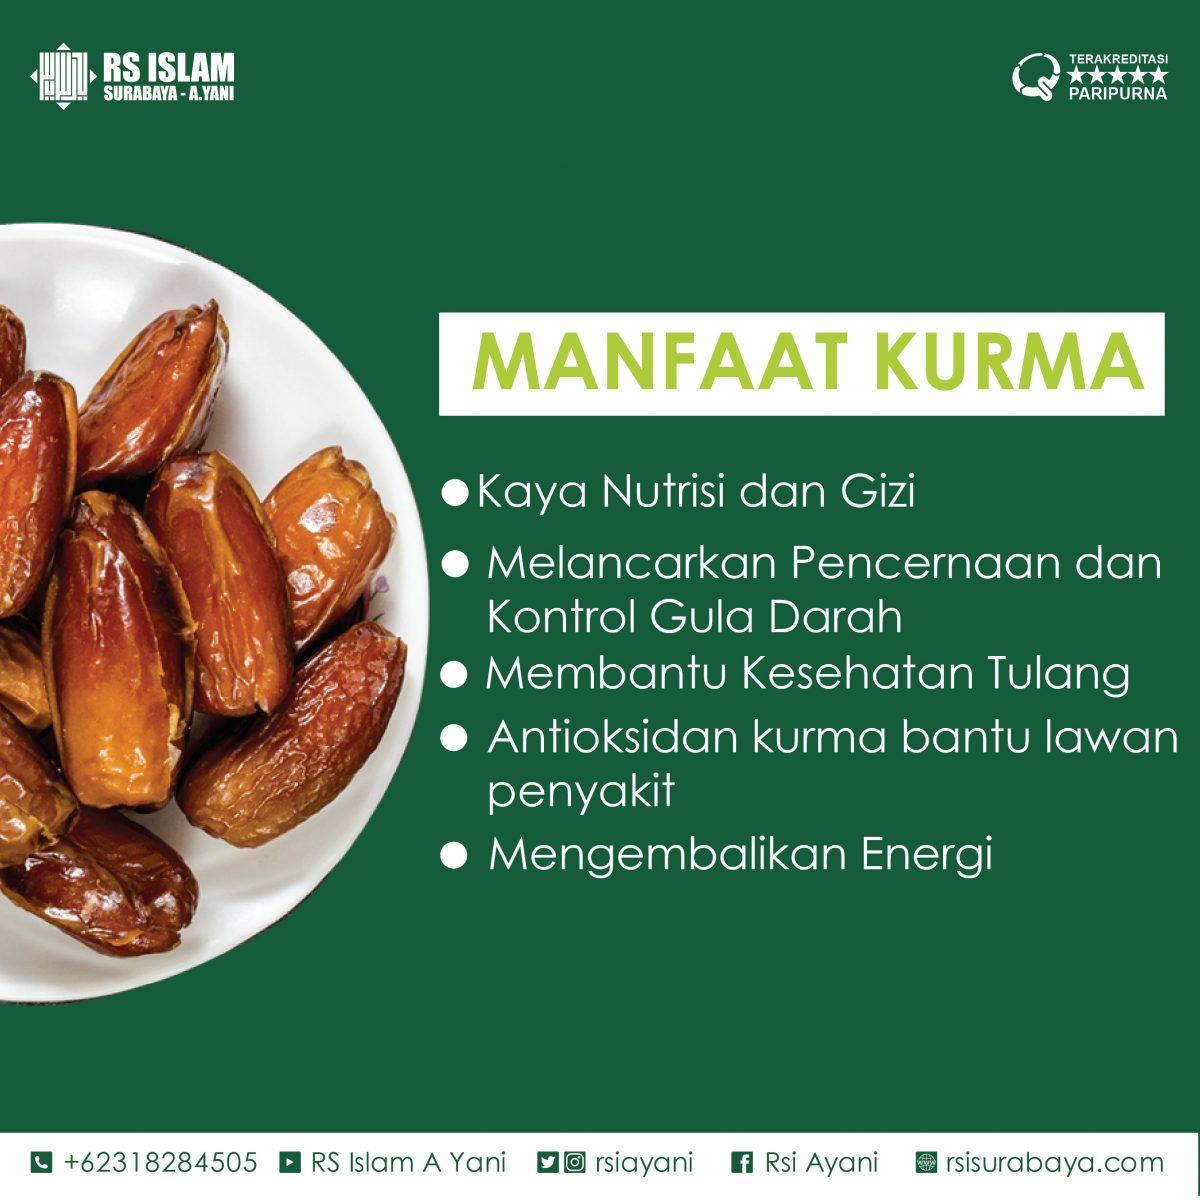 manfaat-kurma-01-1200x1200.jpg